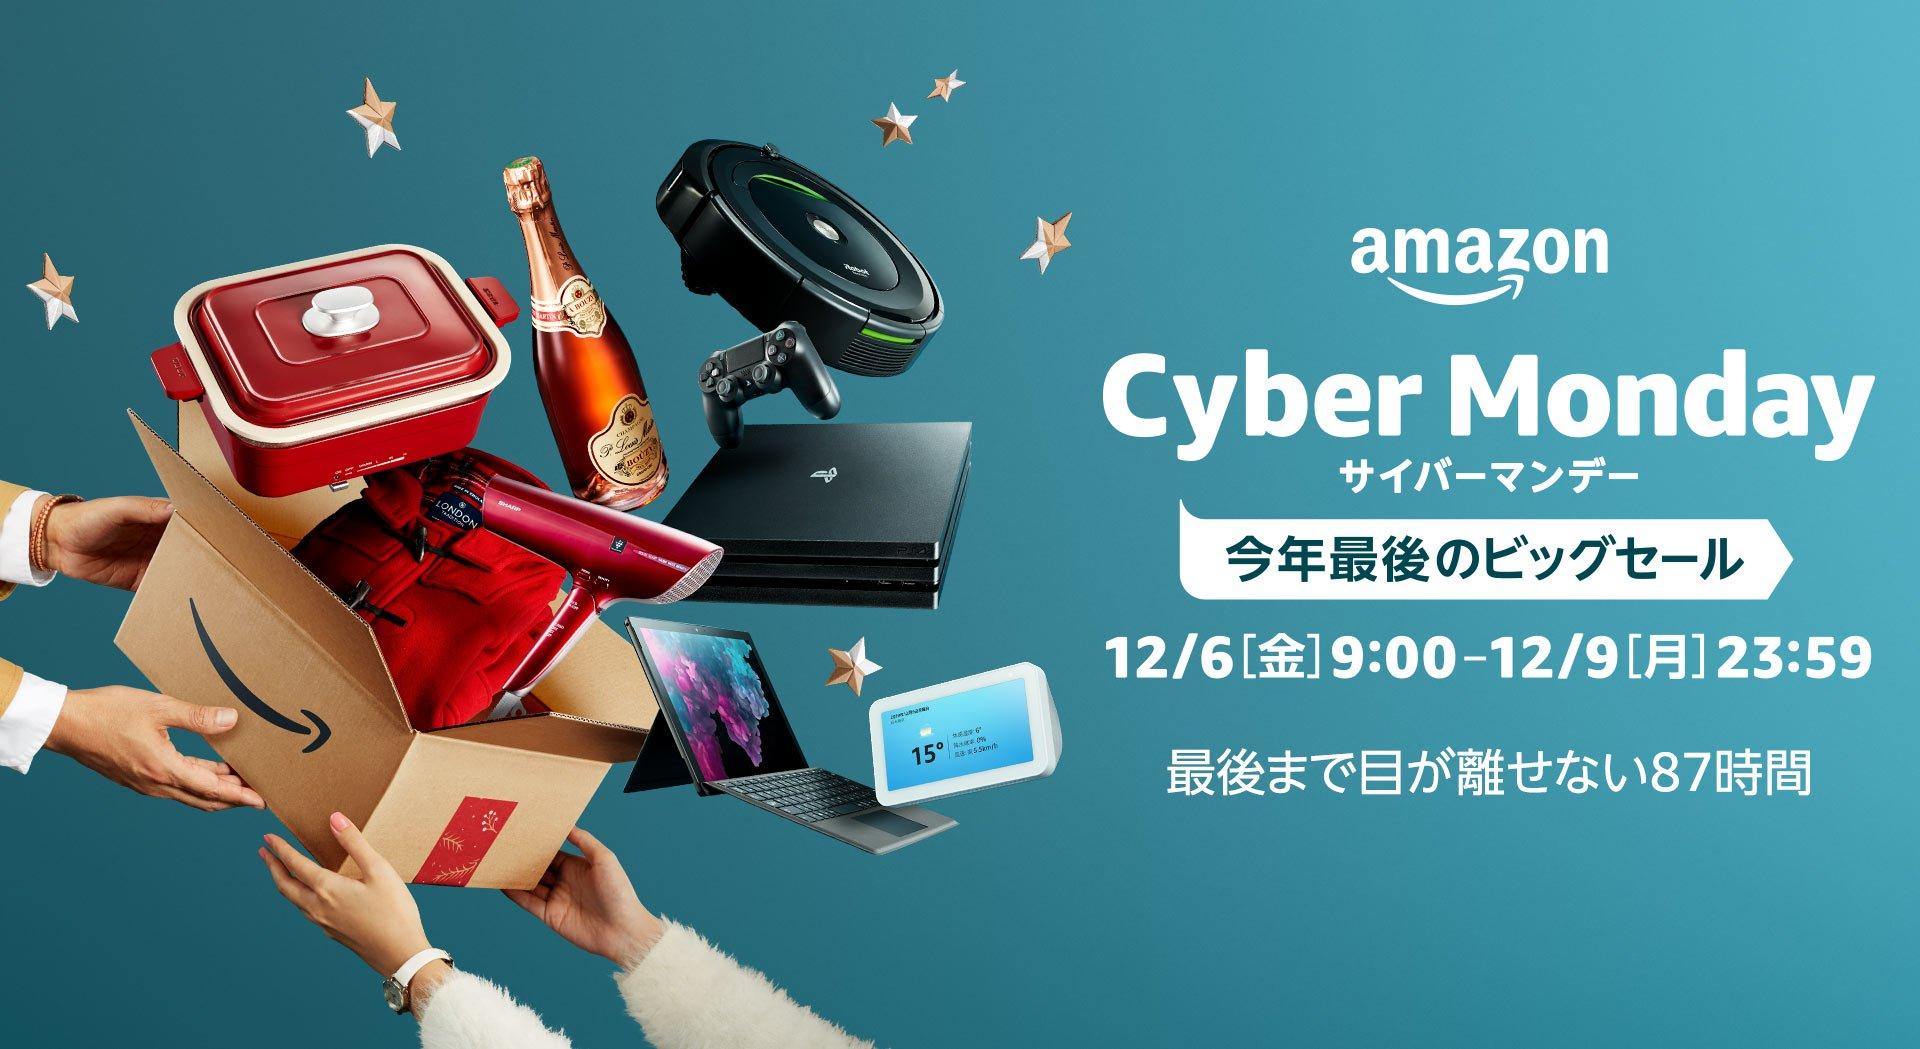 Amazonサイバーマンデーセール開始〜注目商品まとめ(2019)